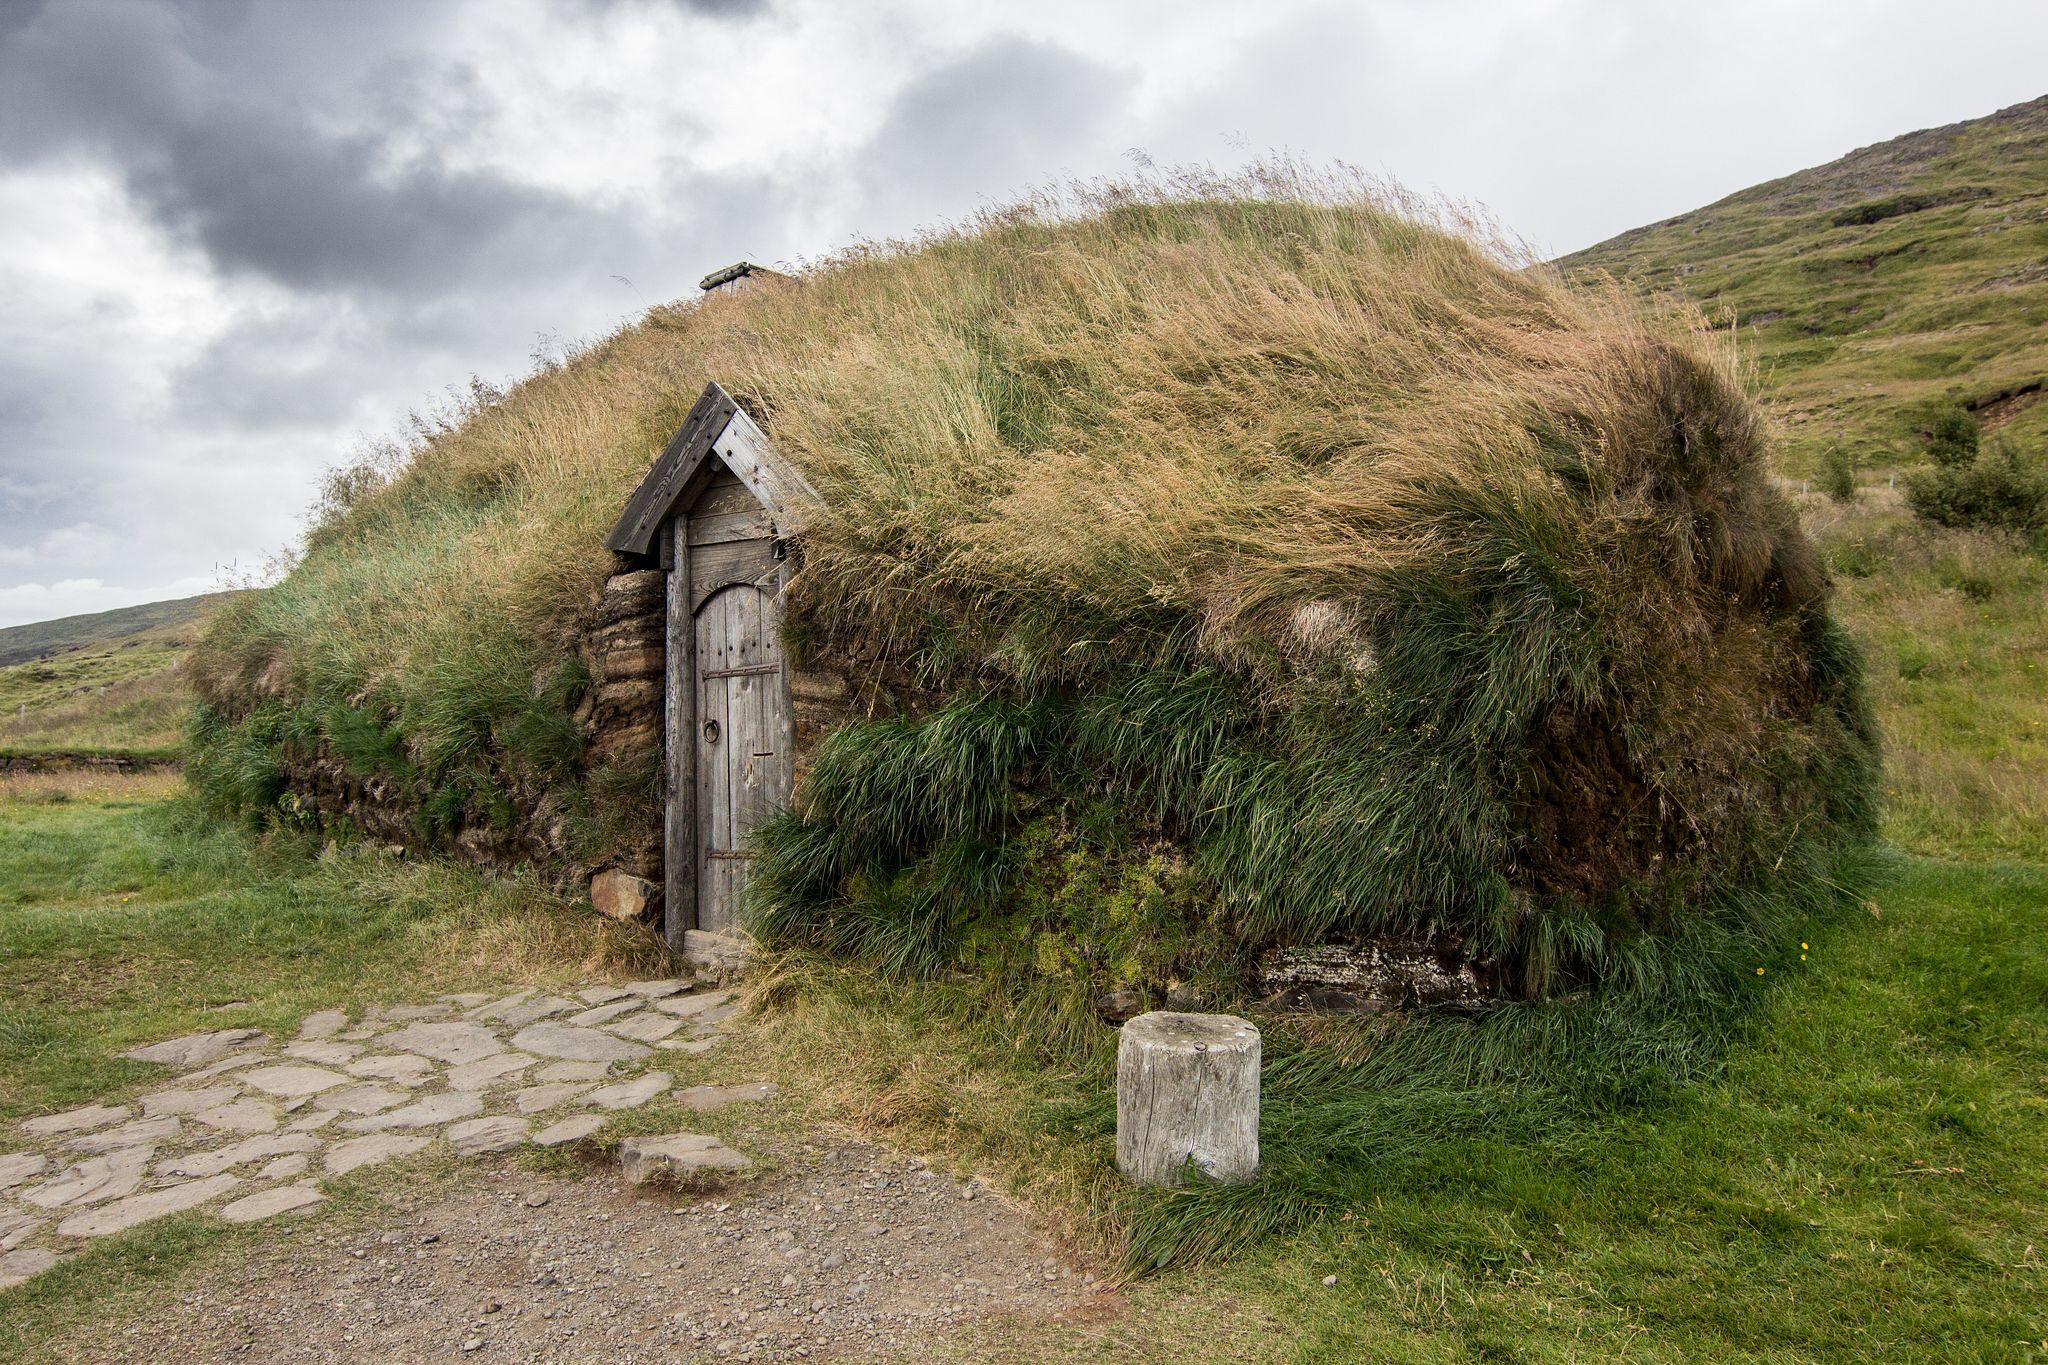 Zrekonštruovaný rodný dom Eiríkra Þorvaldssona a Leifa Erikssona